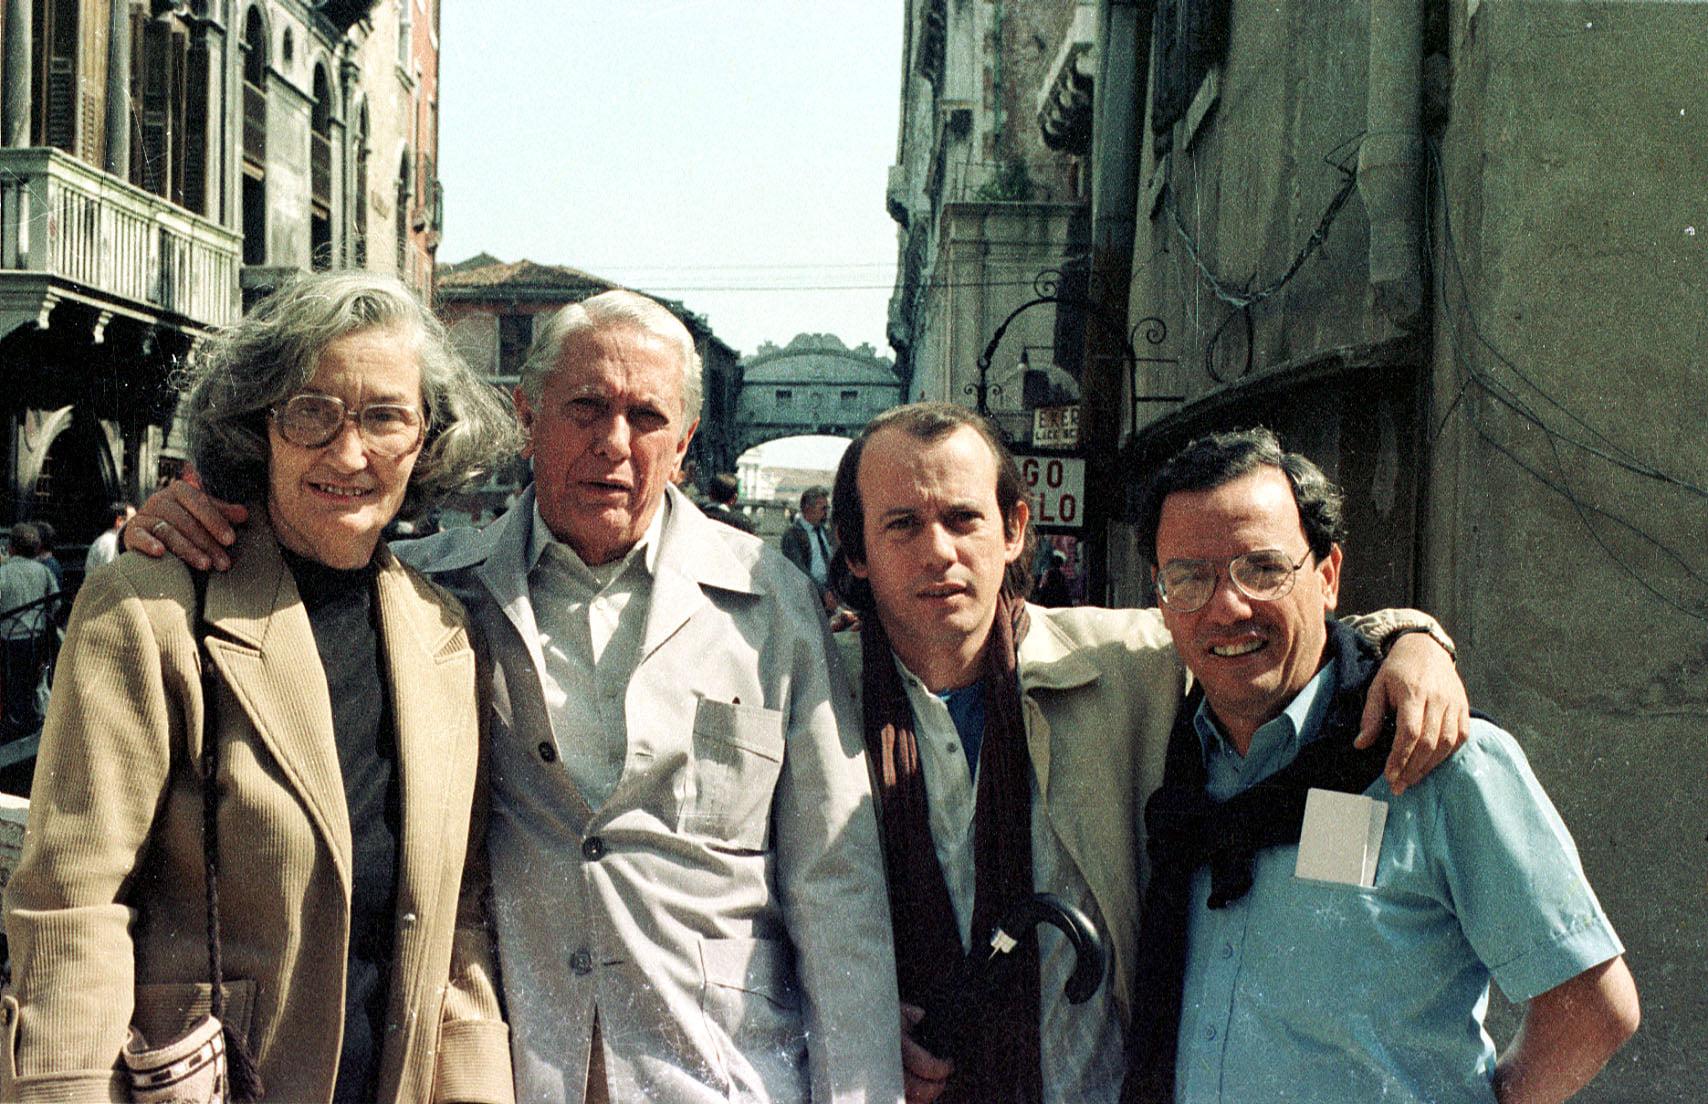 Silvio Rodríguez, Cintio Vitier, Fina García, Eusebio Leal en Venecia